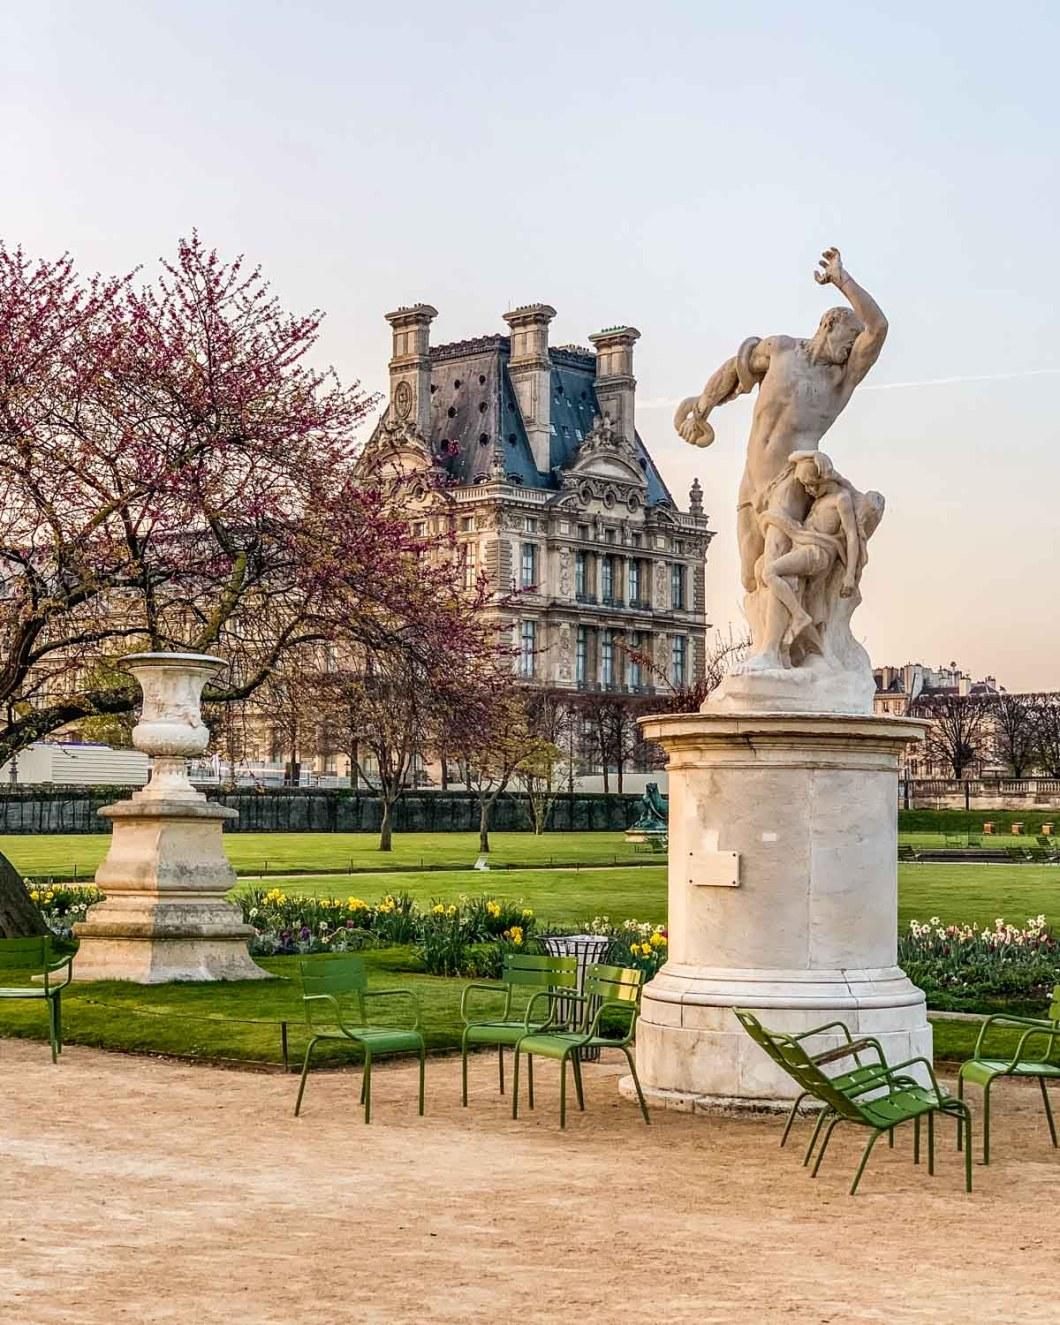 Jardin des Tuileries in Paris